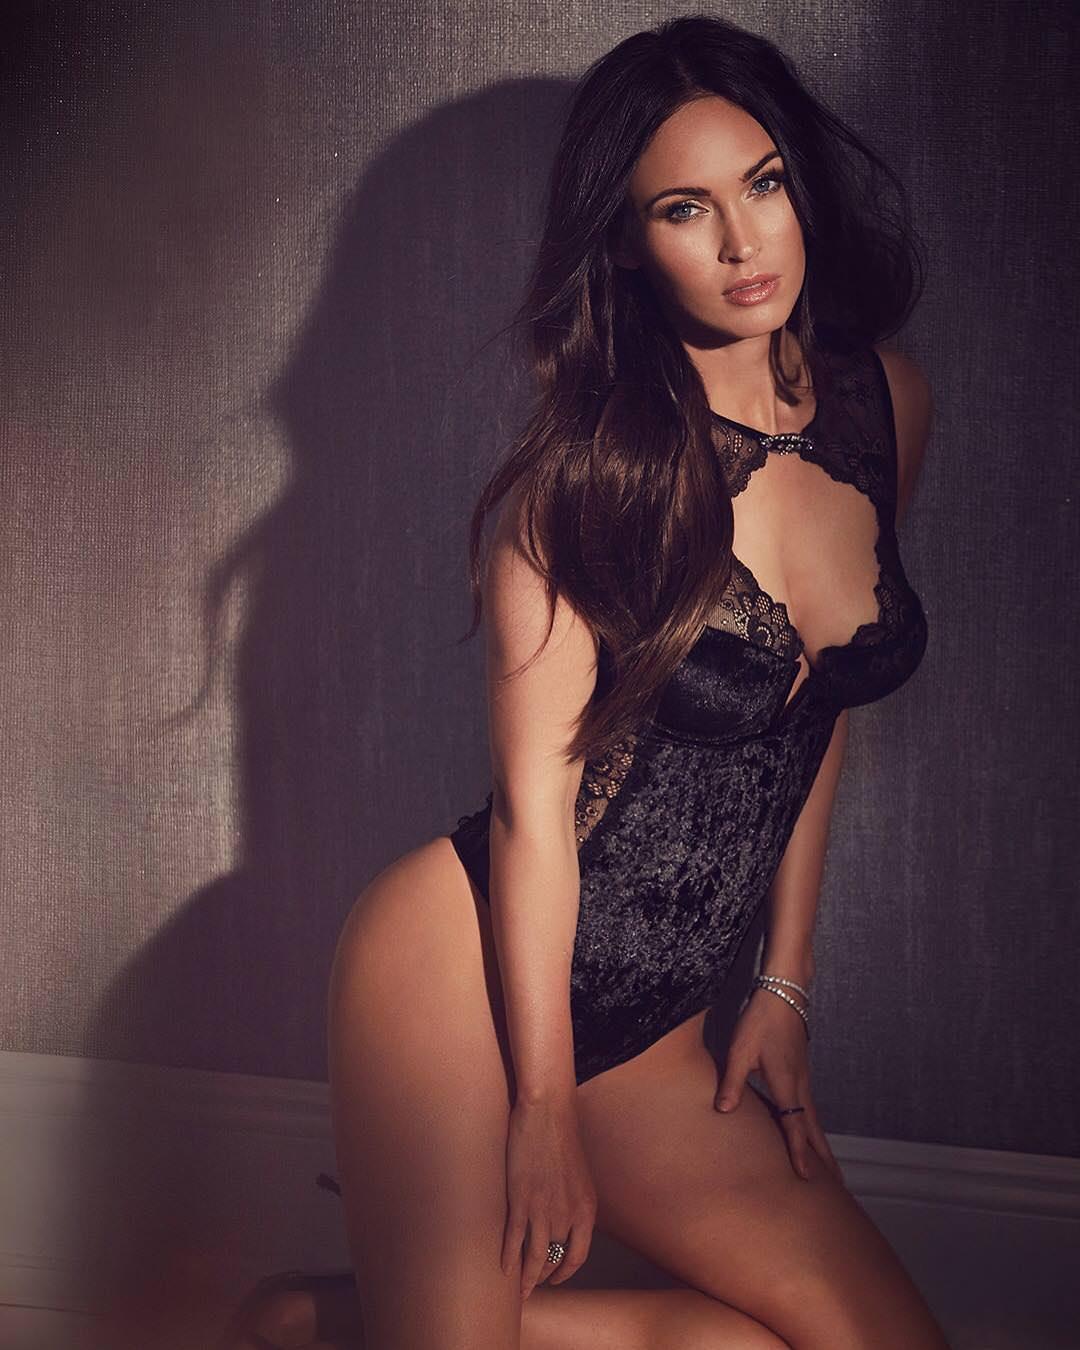 Megan Fox sex pic